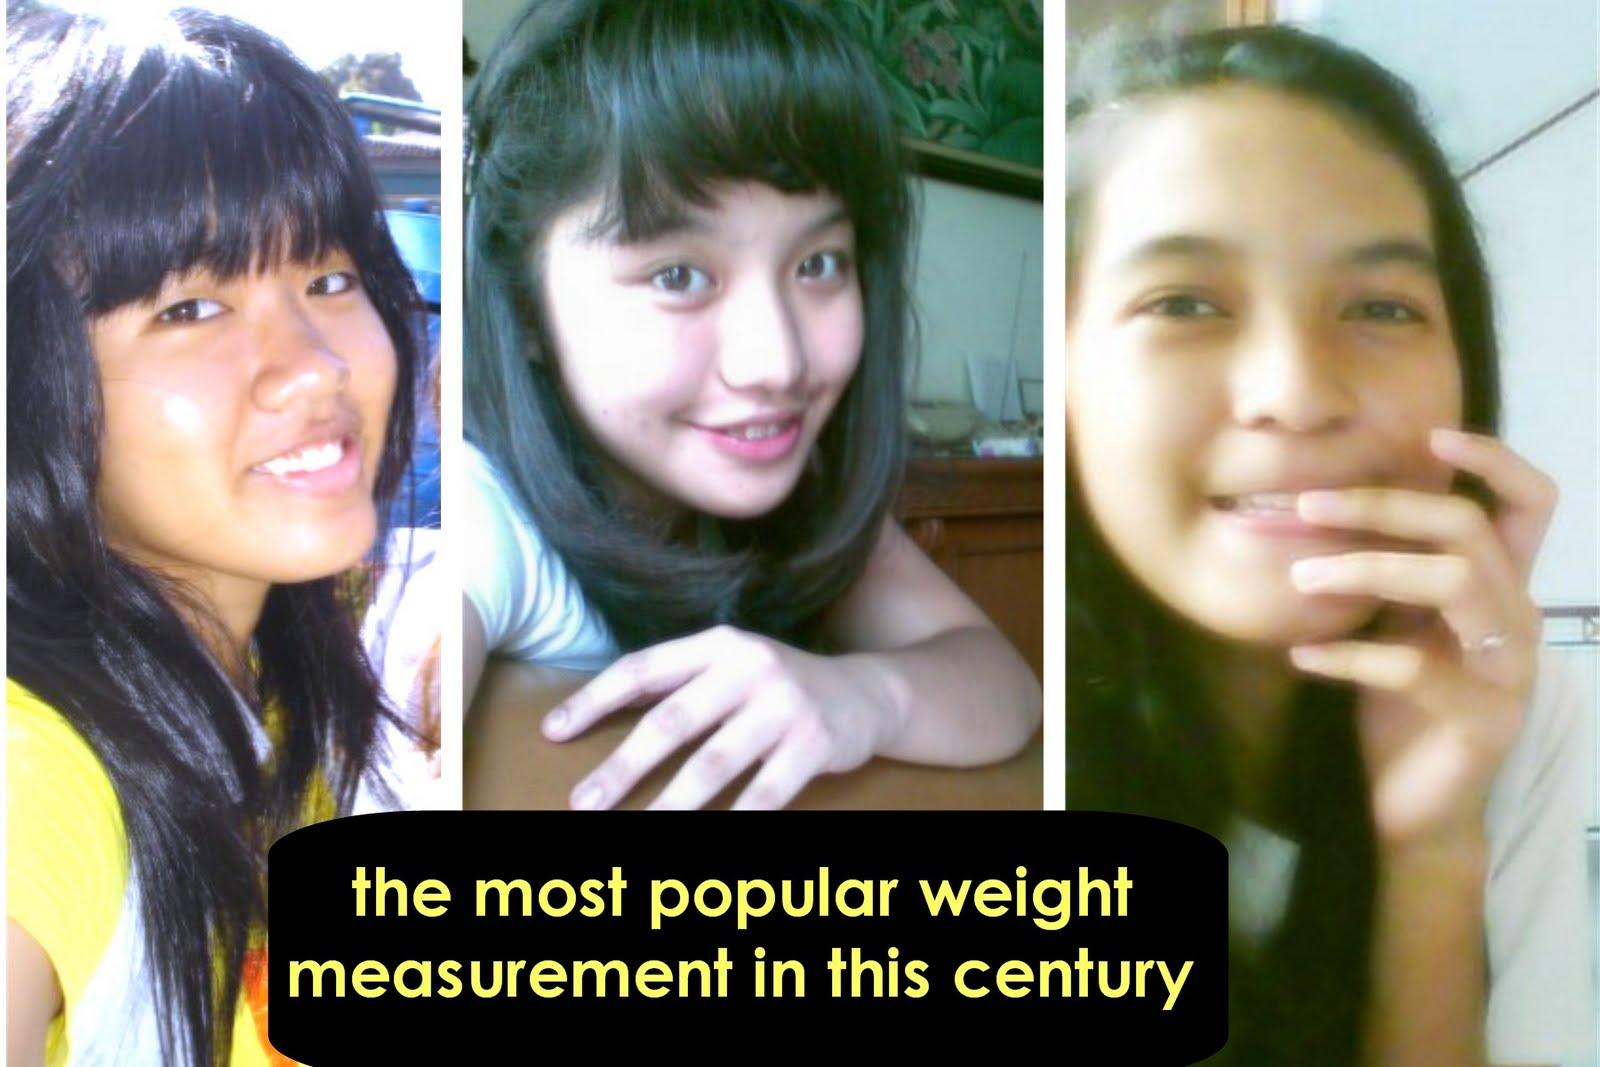 satuan berat terpopuler abad ini :D